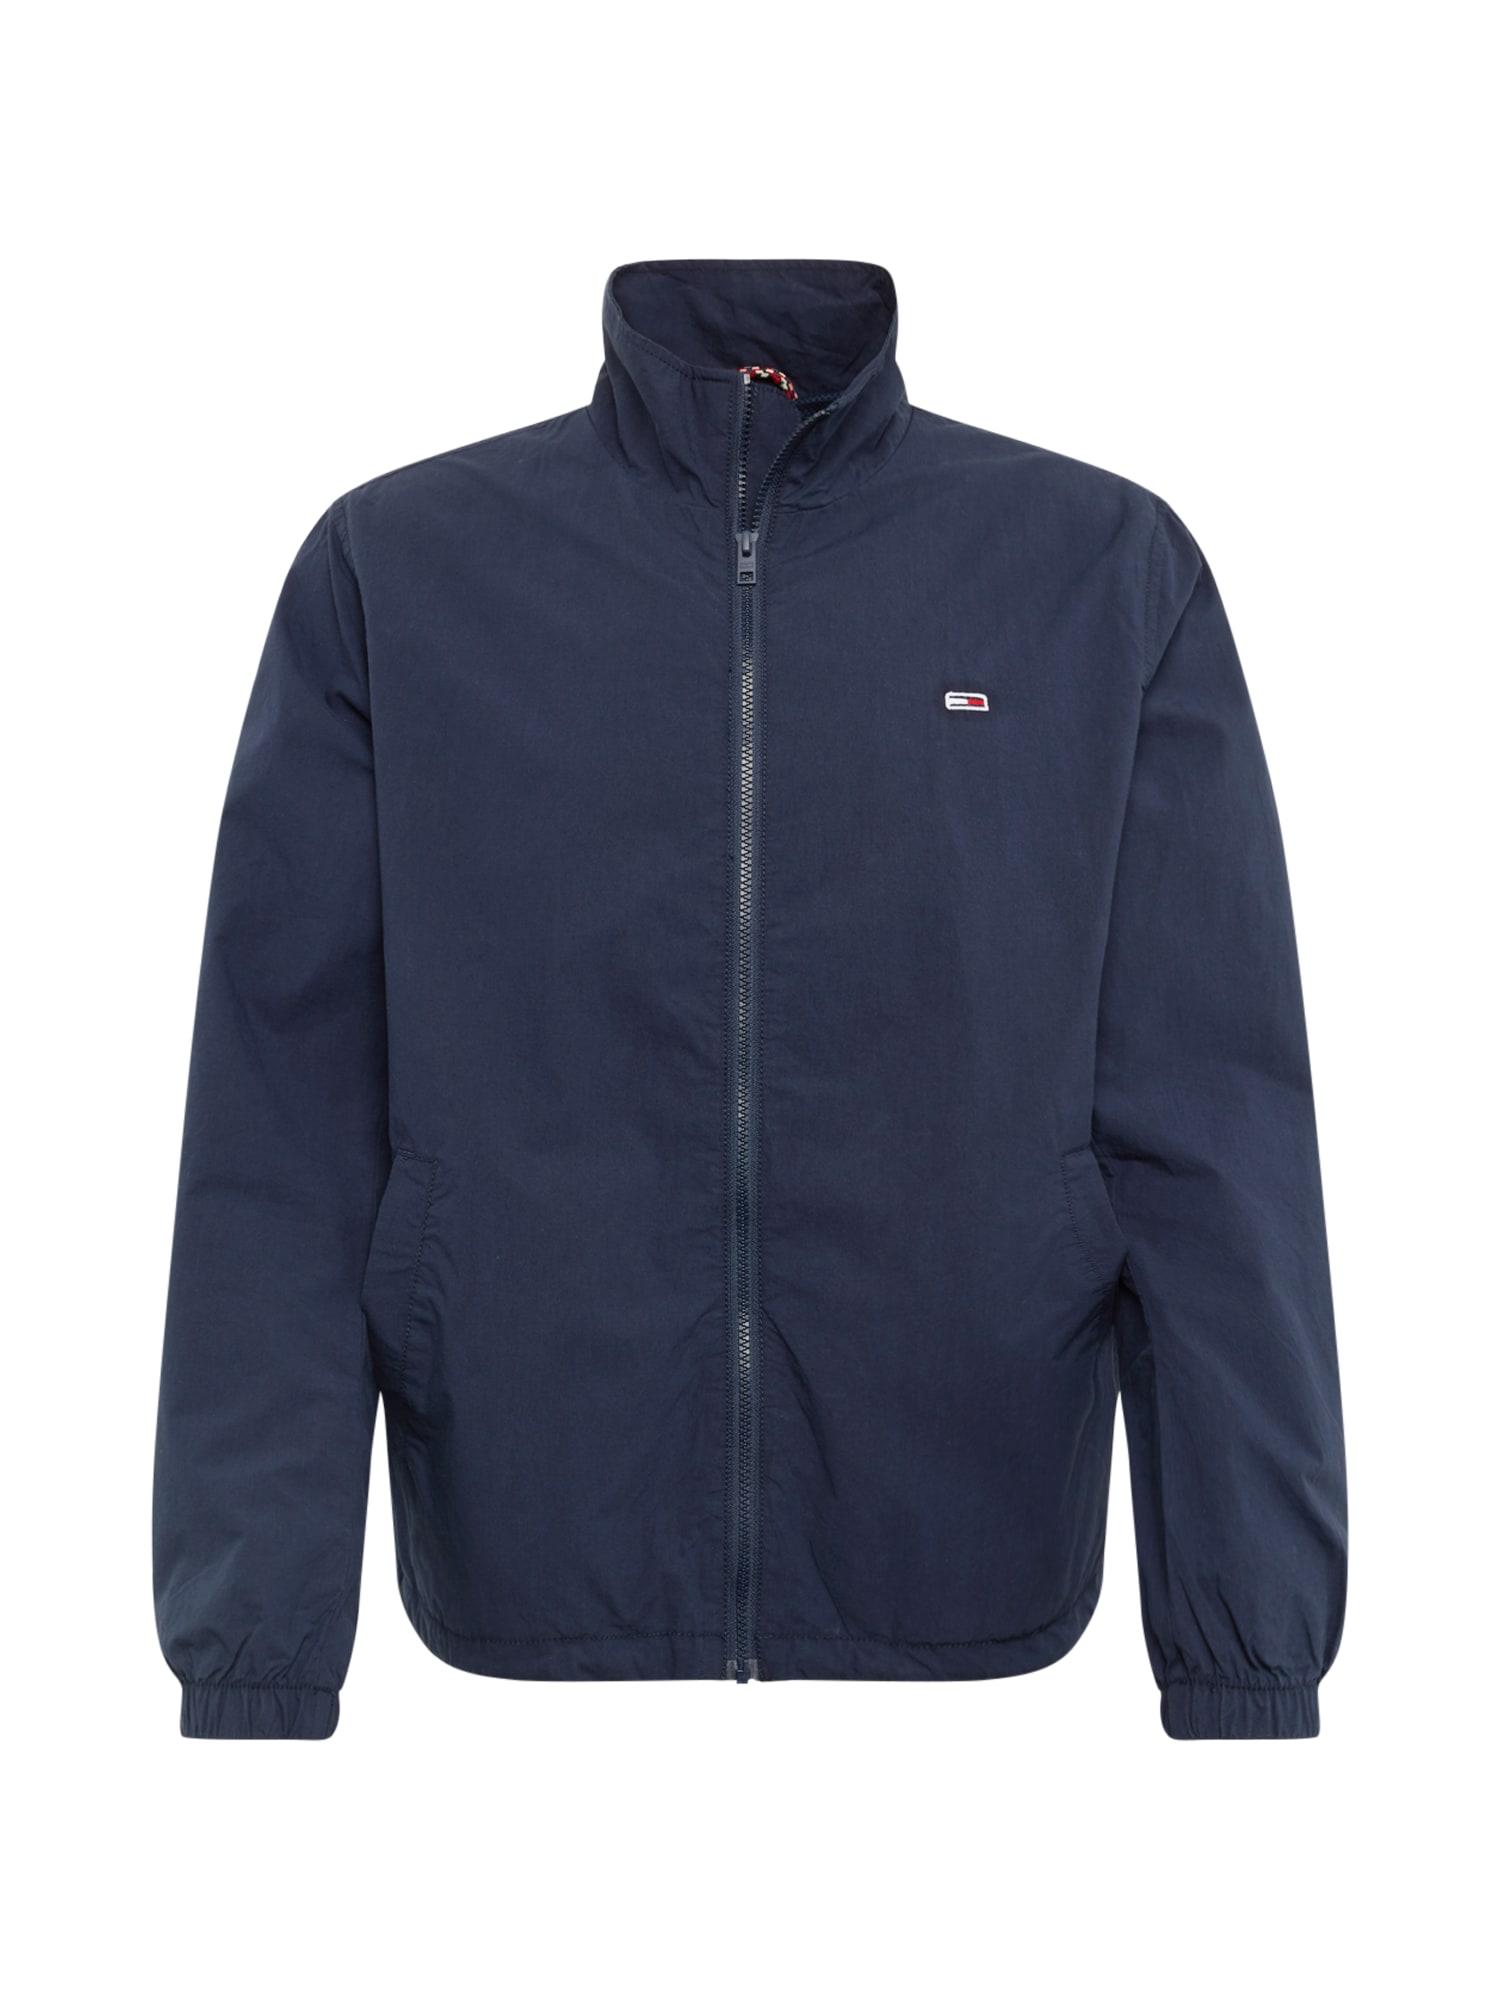 Přechodná bunda Novelty tmavě modrá Tommy Jeans